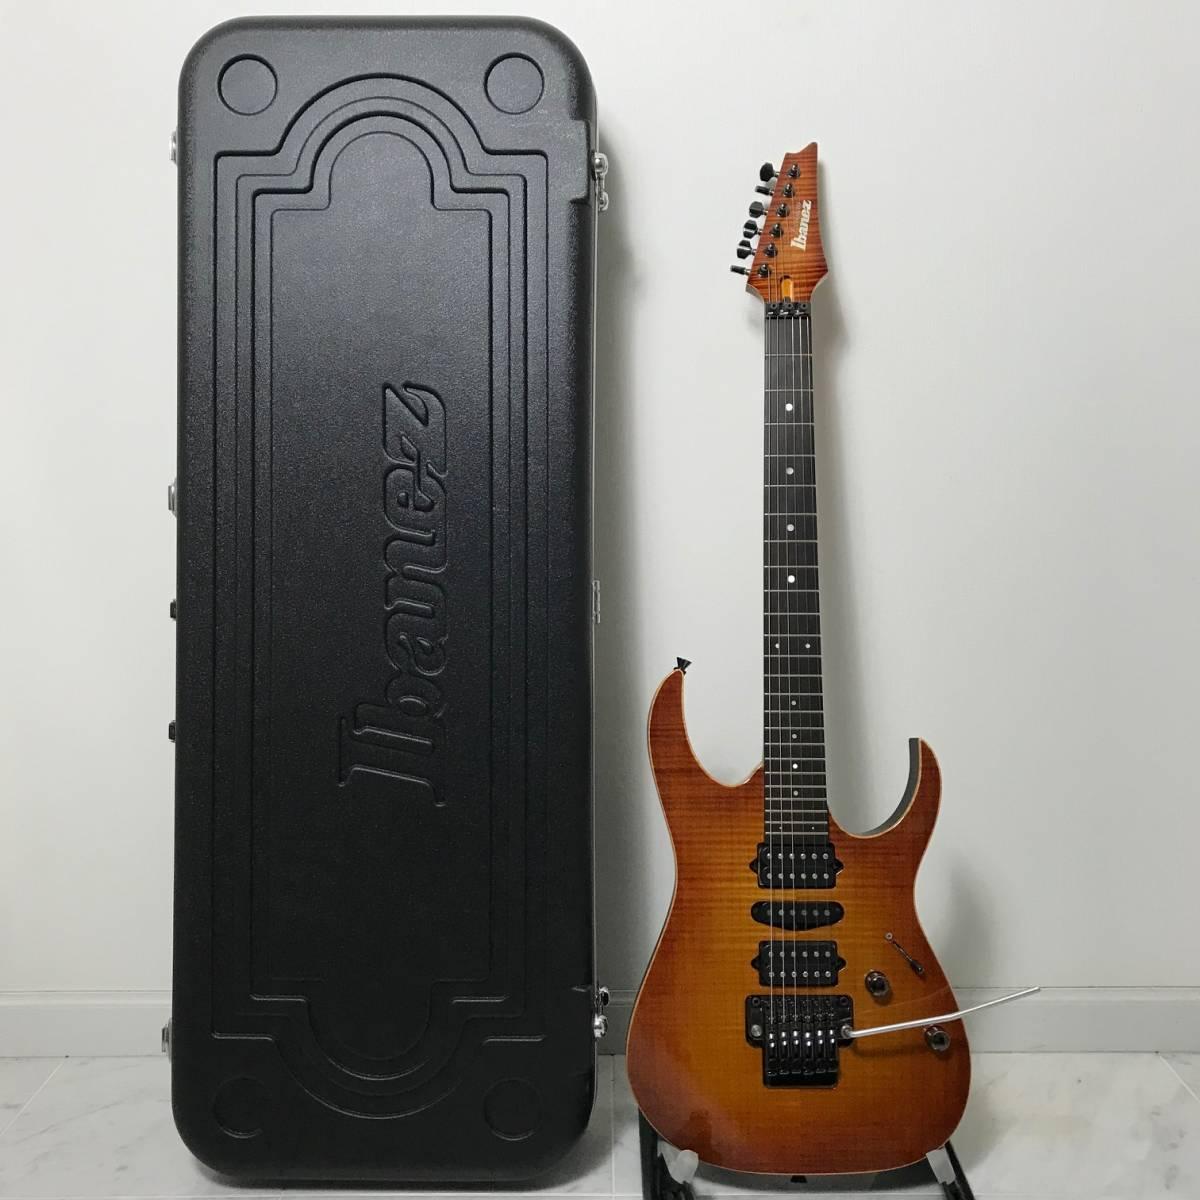 希少 美品 Ibanez J.custom RG7570Z Bright Brown Rutile 付属品 専用ハードケース付 日本製 アイバニーズ エレキギター GOTOHペグ 最高峰_画像2